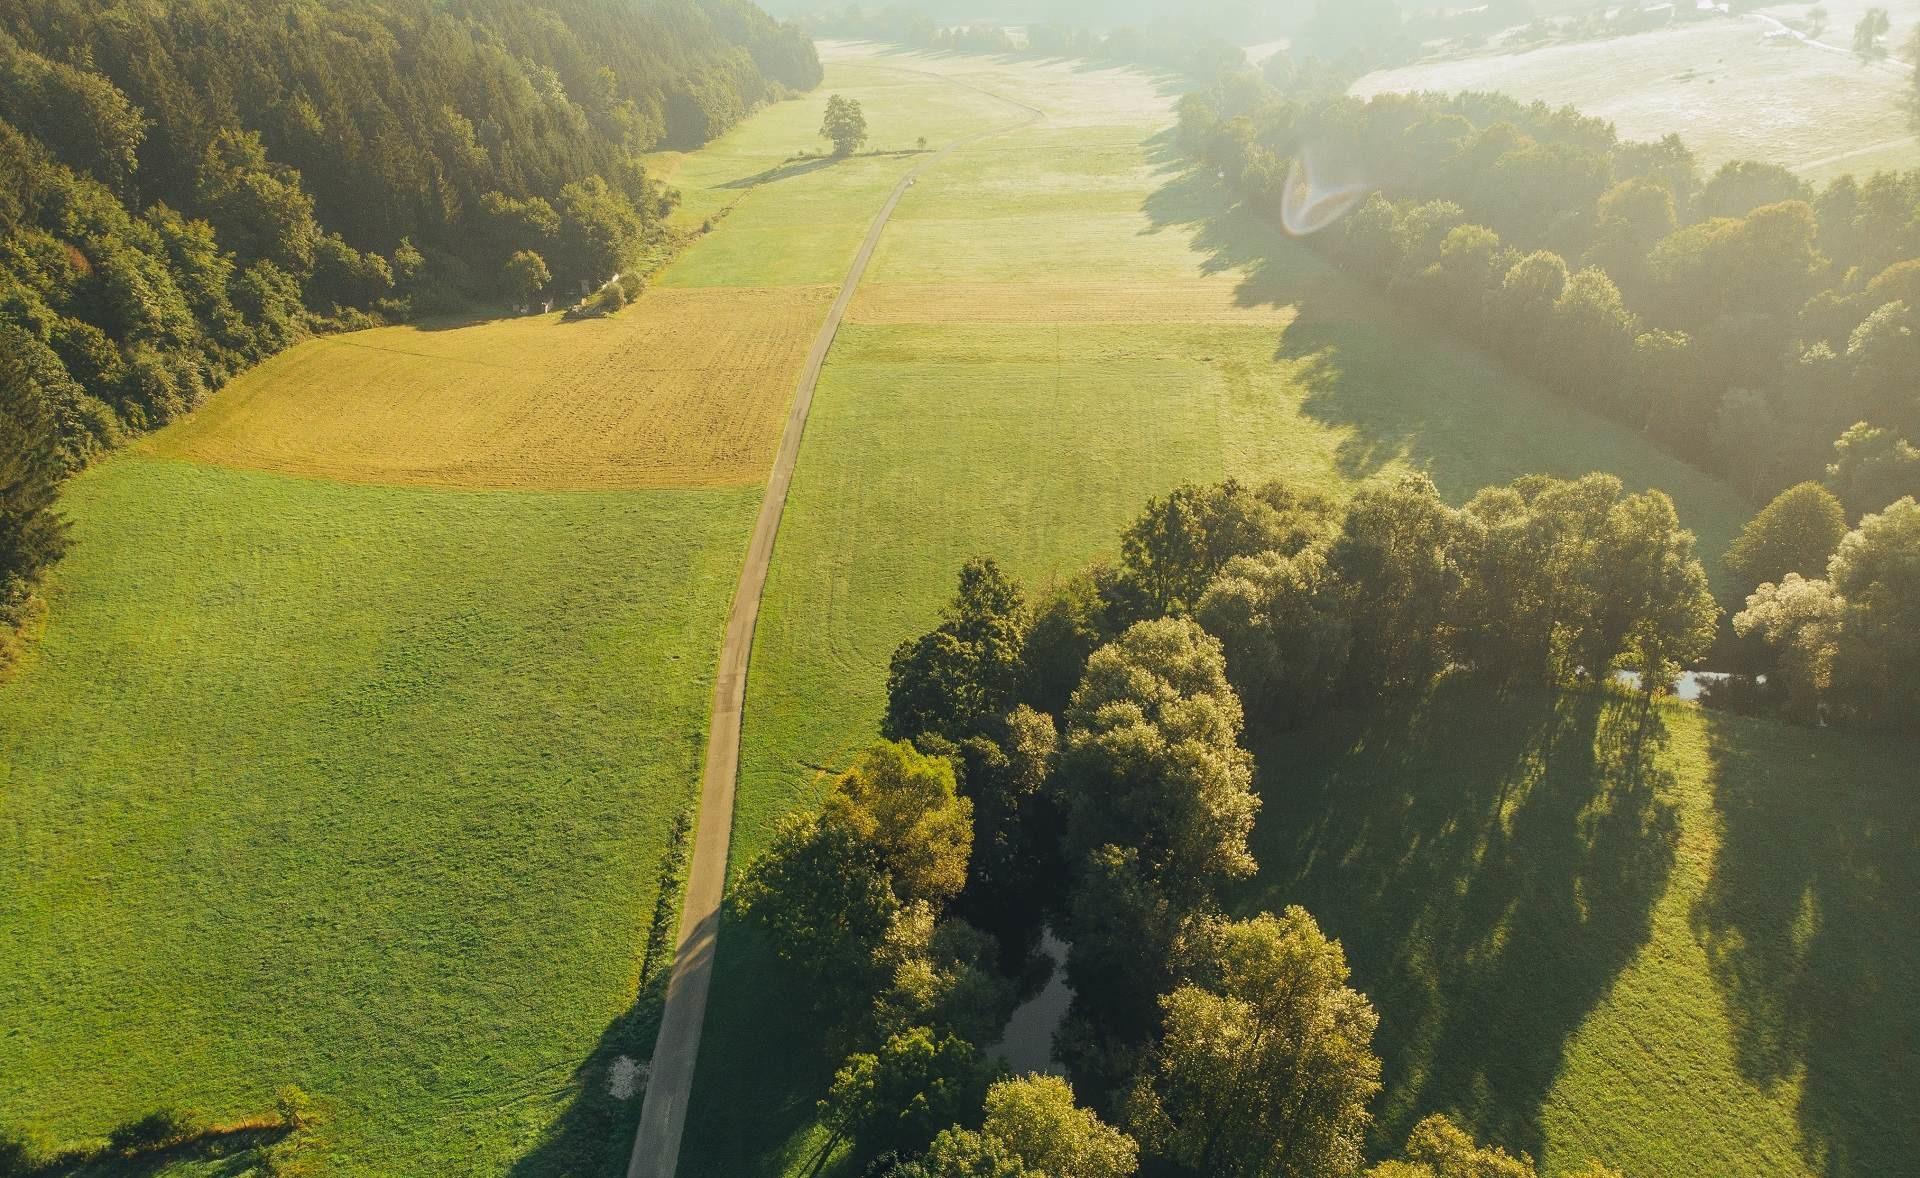 Luftaufnahme vom Kocher-Jagst-Radweg bei Wengen-Untergröningen